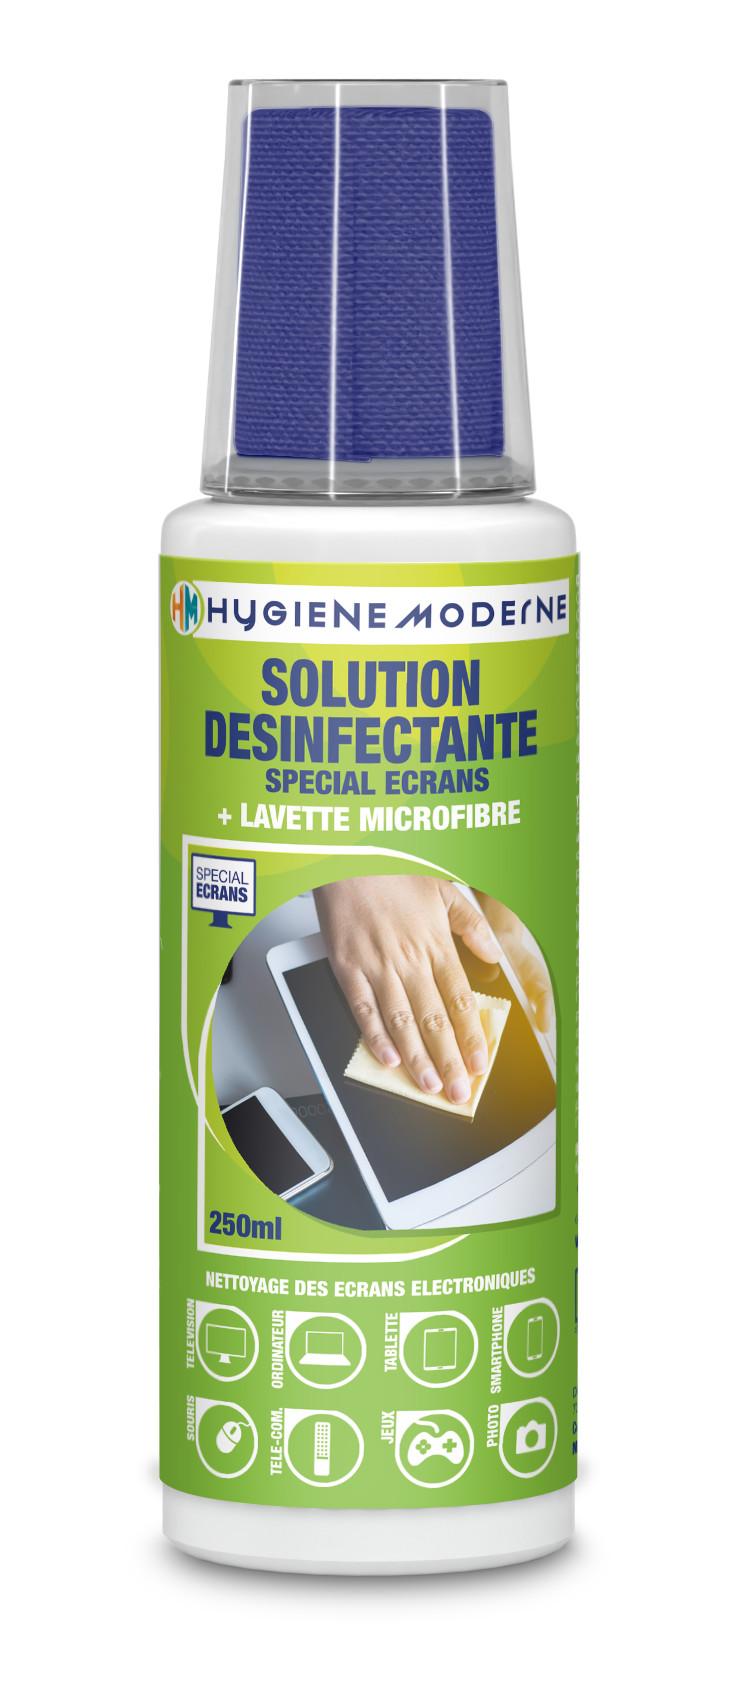 re02333_fr. HYGIENE MODERNE Solution désinfectante spéciale écrans 250 ML + lavette microfibre